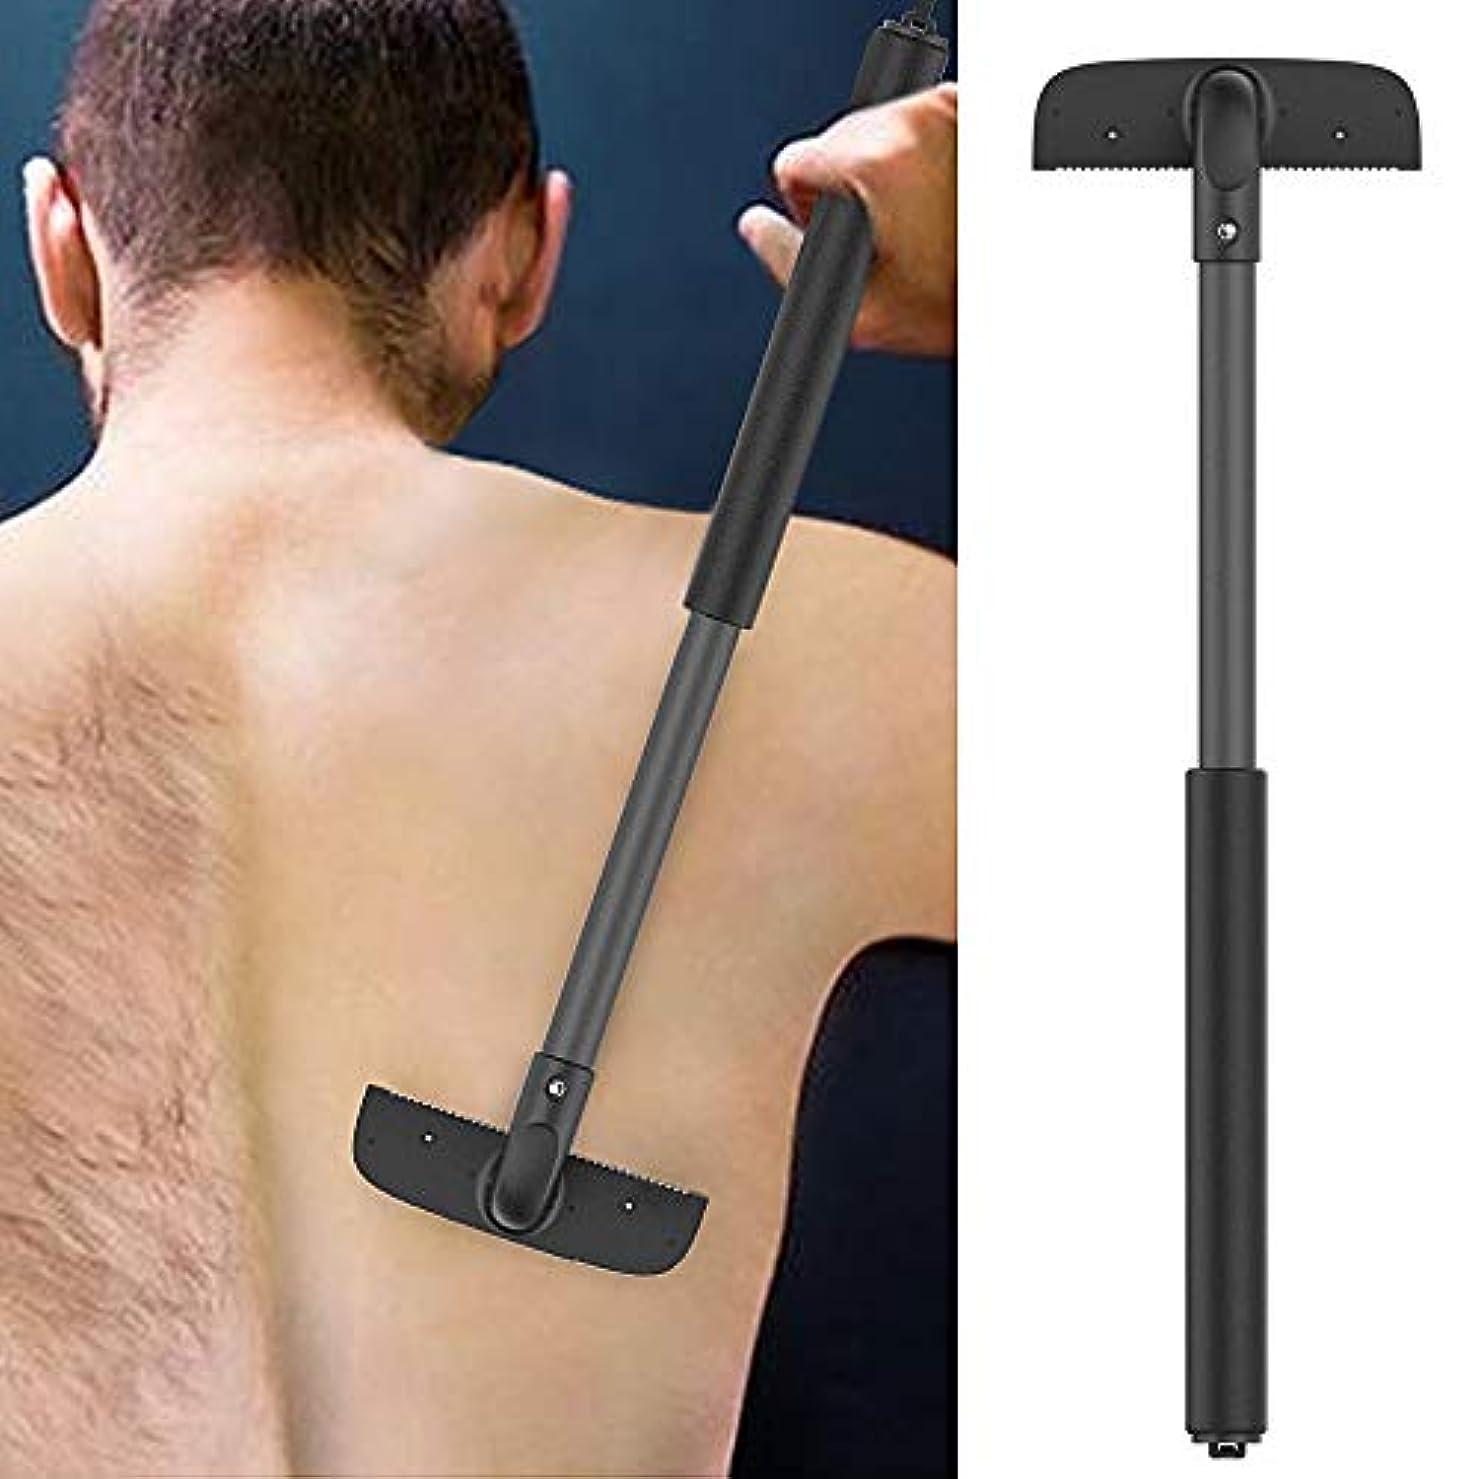 柔和エラー空洞バックカミソリ調節可能な引き込み式バックカミソリ、男性用バックヘアトリマー、男性用ウェットアンドドライ用バックヘア除去